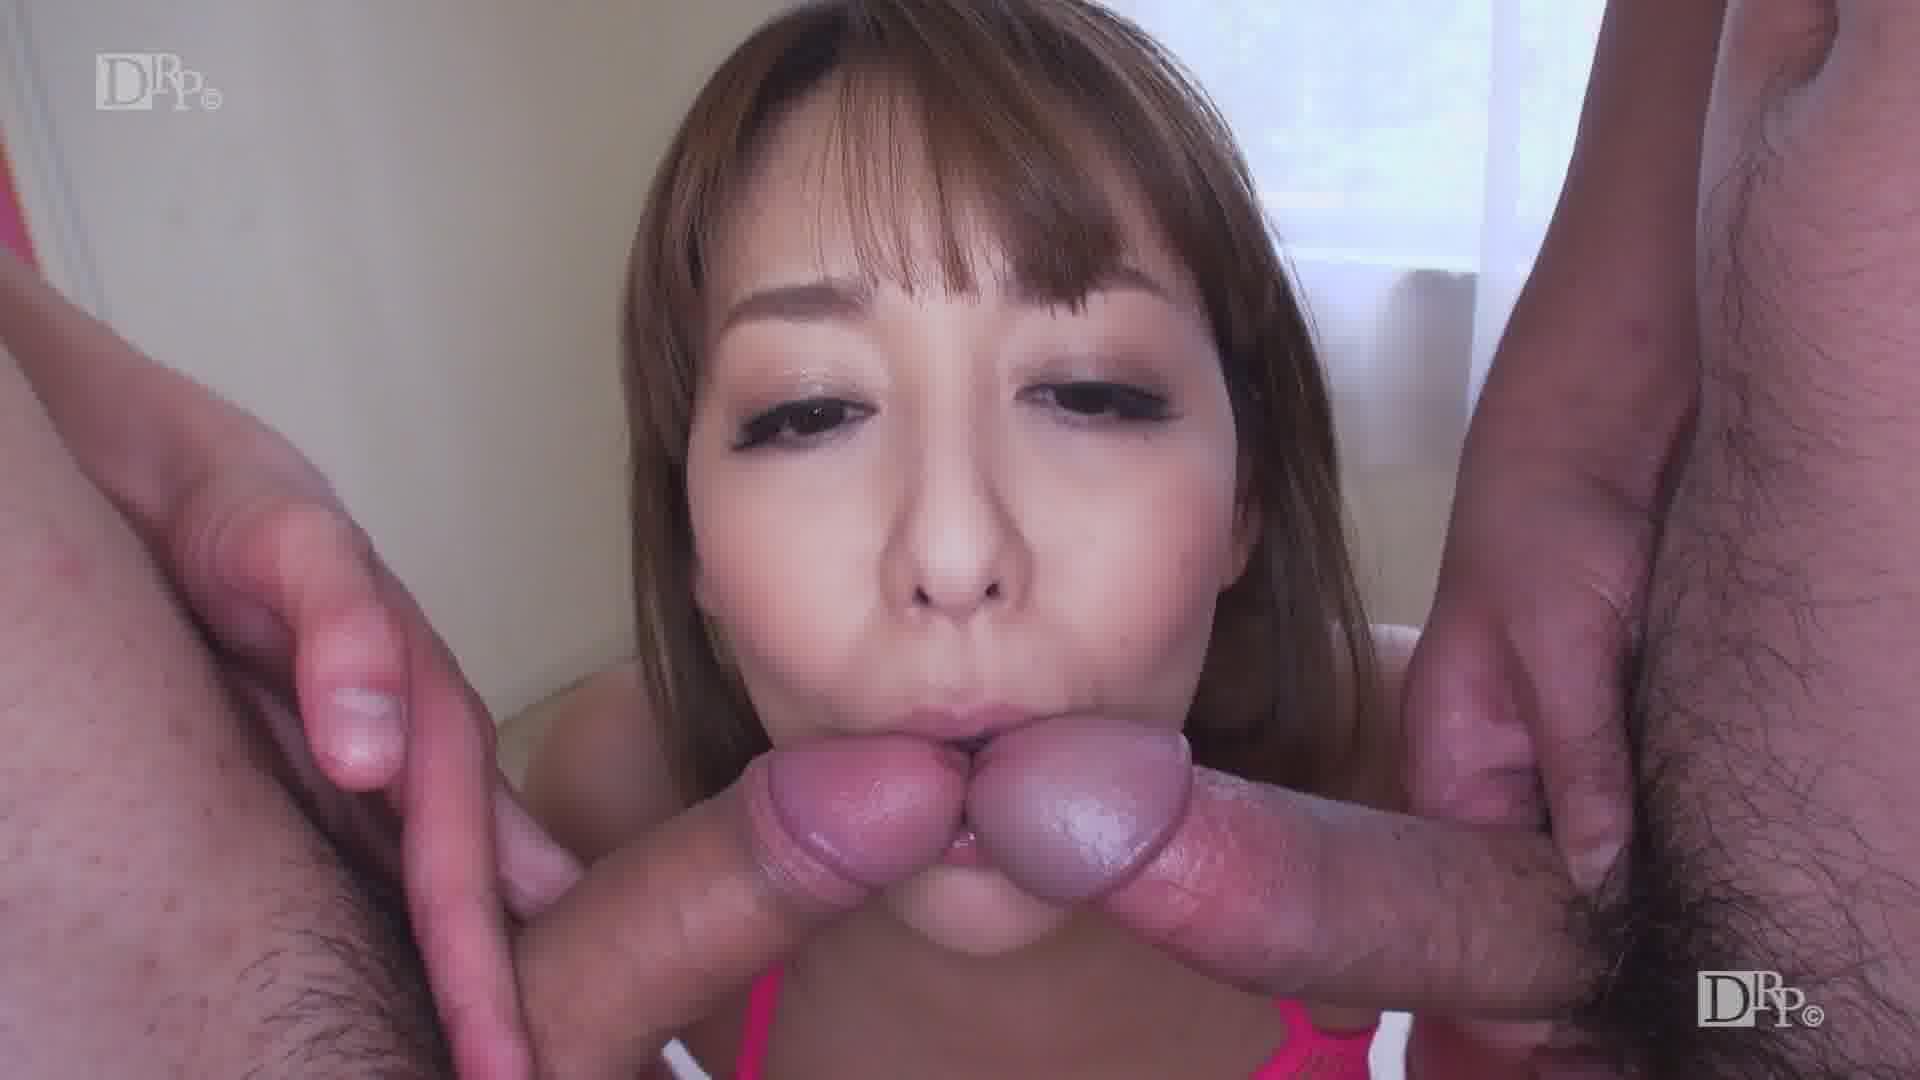 アナルに目覚めた私の妻 - 朝桐光【美乳・潮吹き・3P】